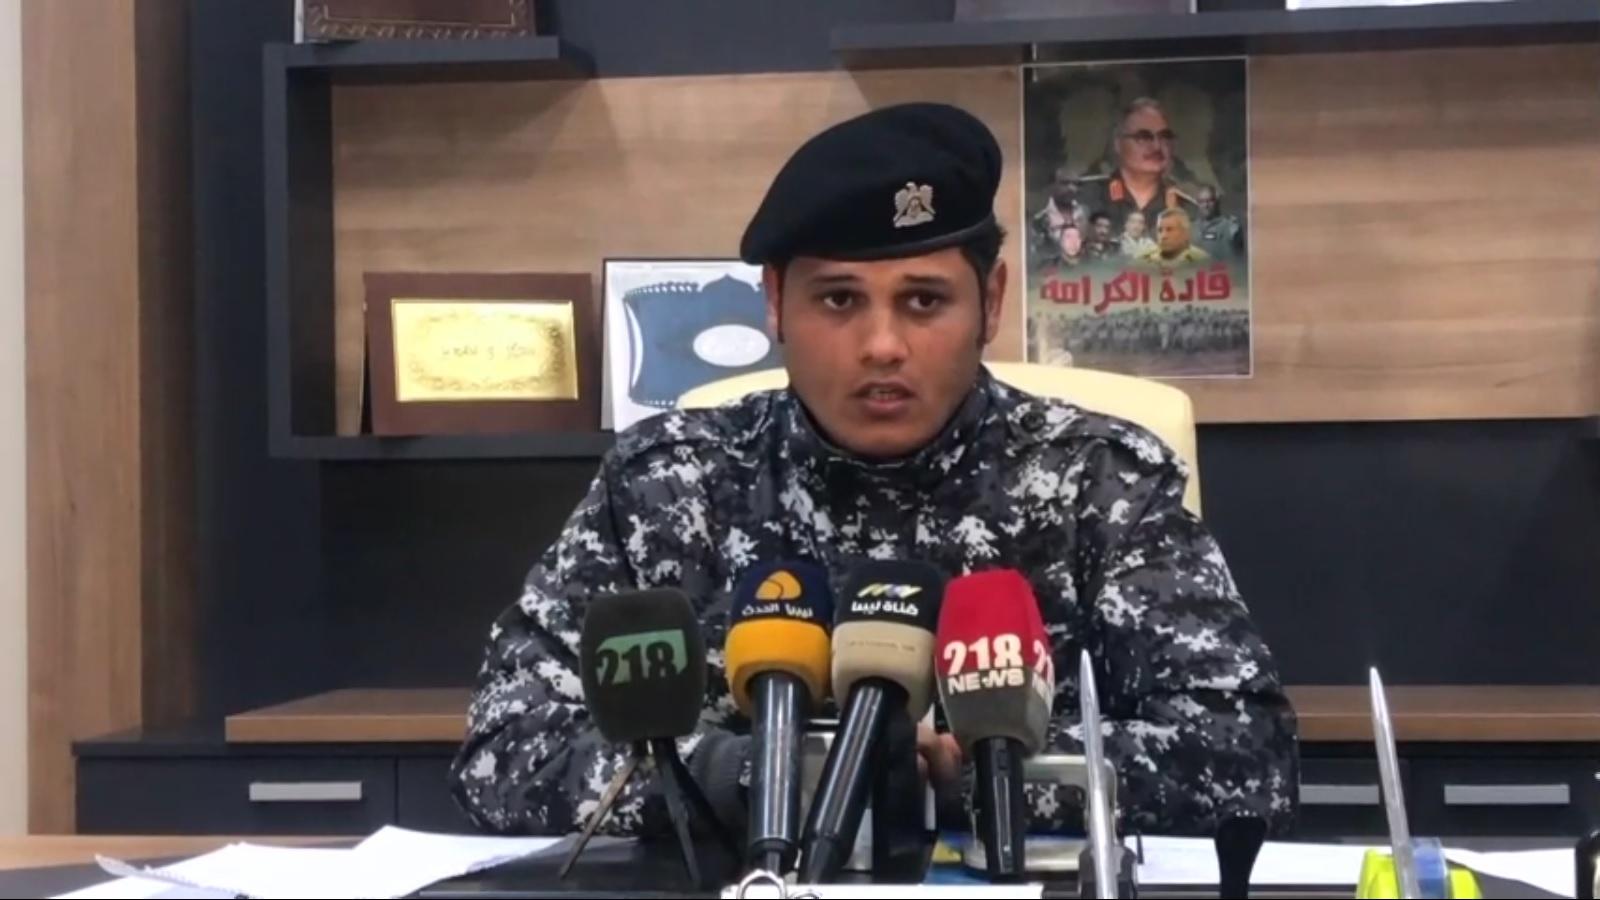 مسؤول مكتب الإعلام الأمني بوزارة الداخلية رائد طارق الخراز